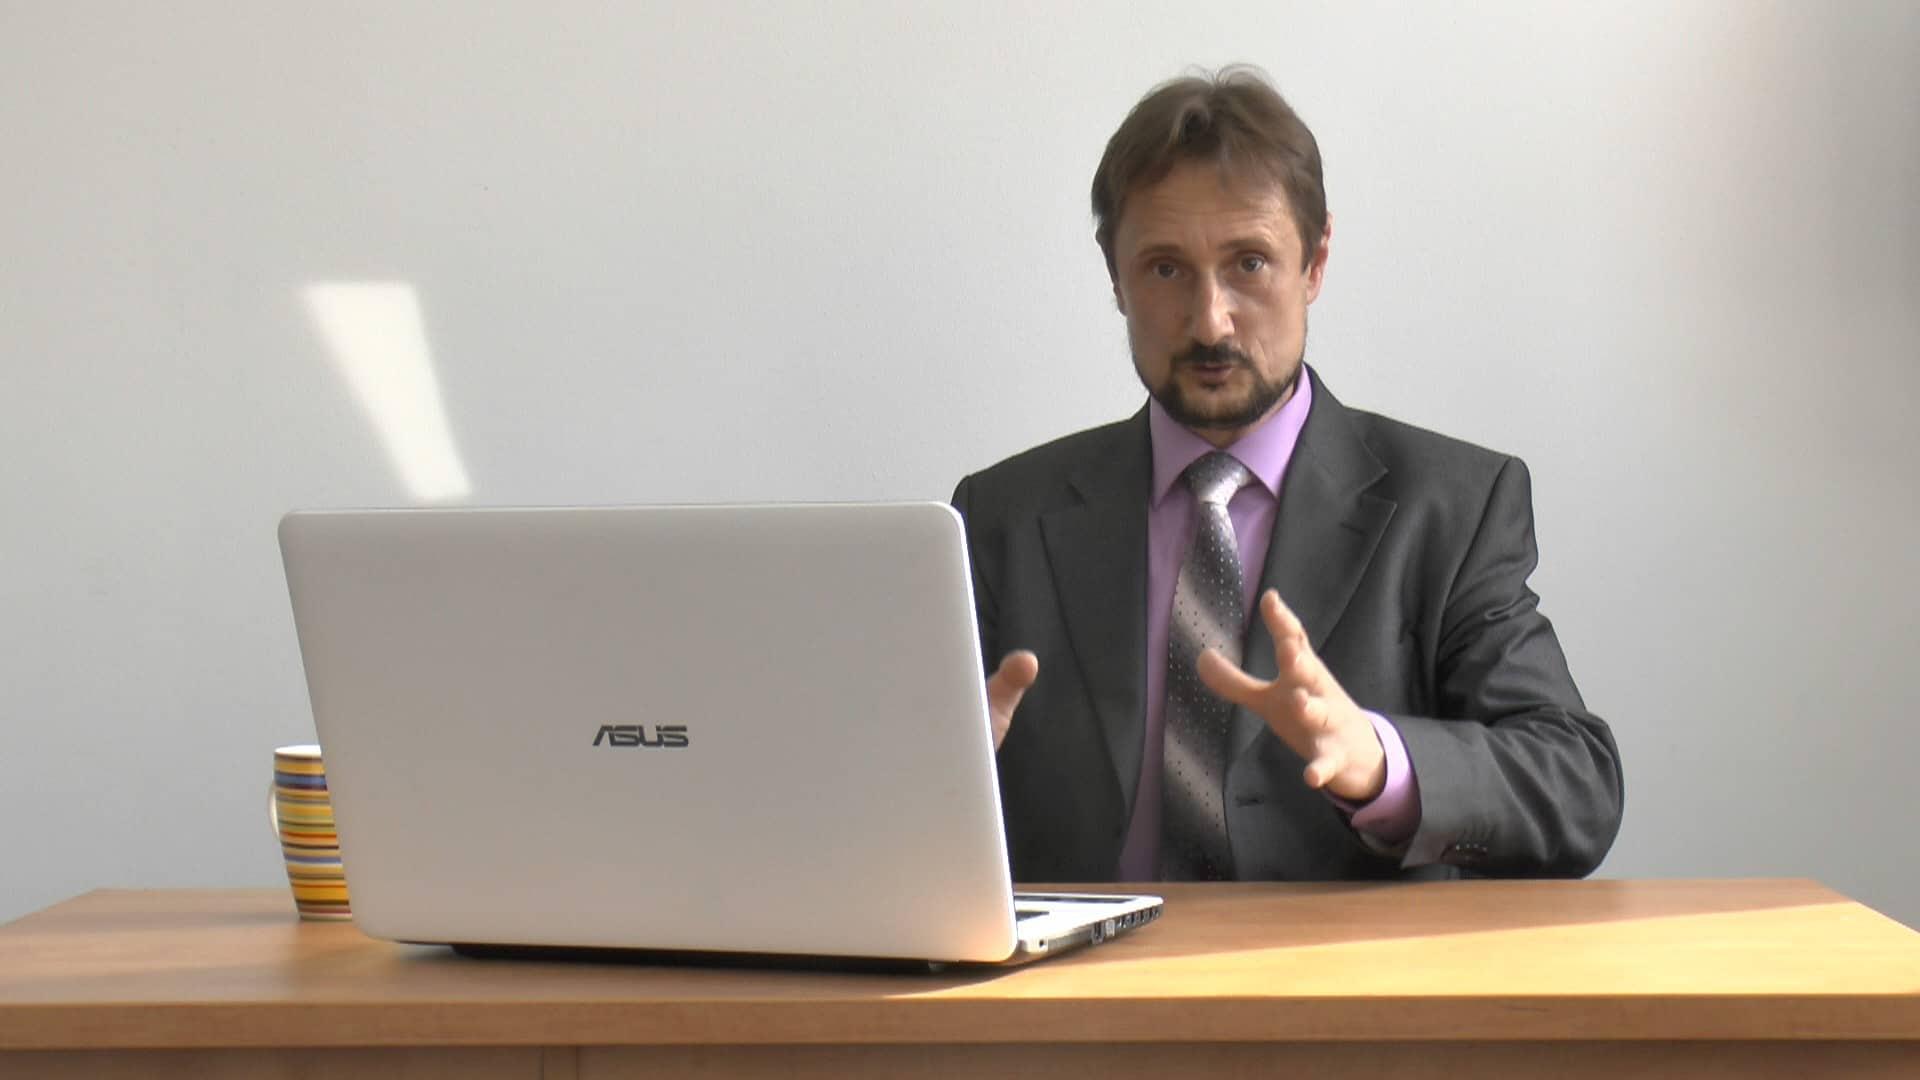 Ораторское искусство обучение онлайн. Риторика онлайн.